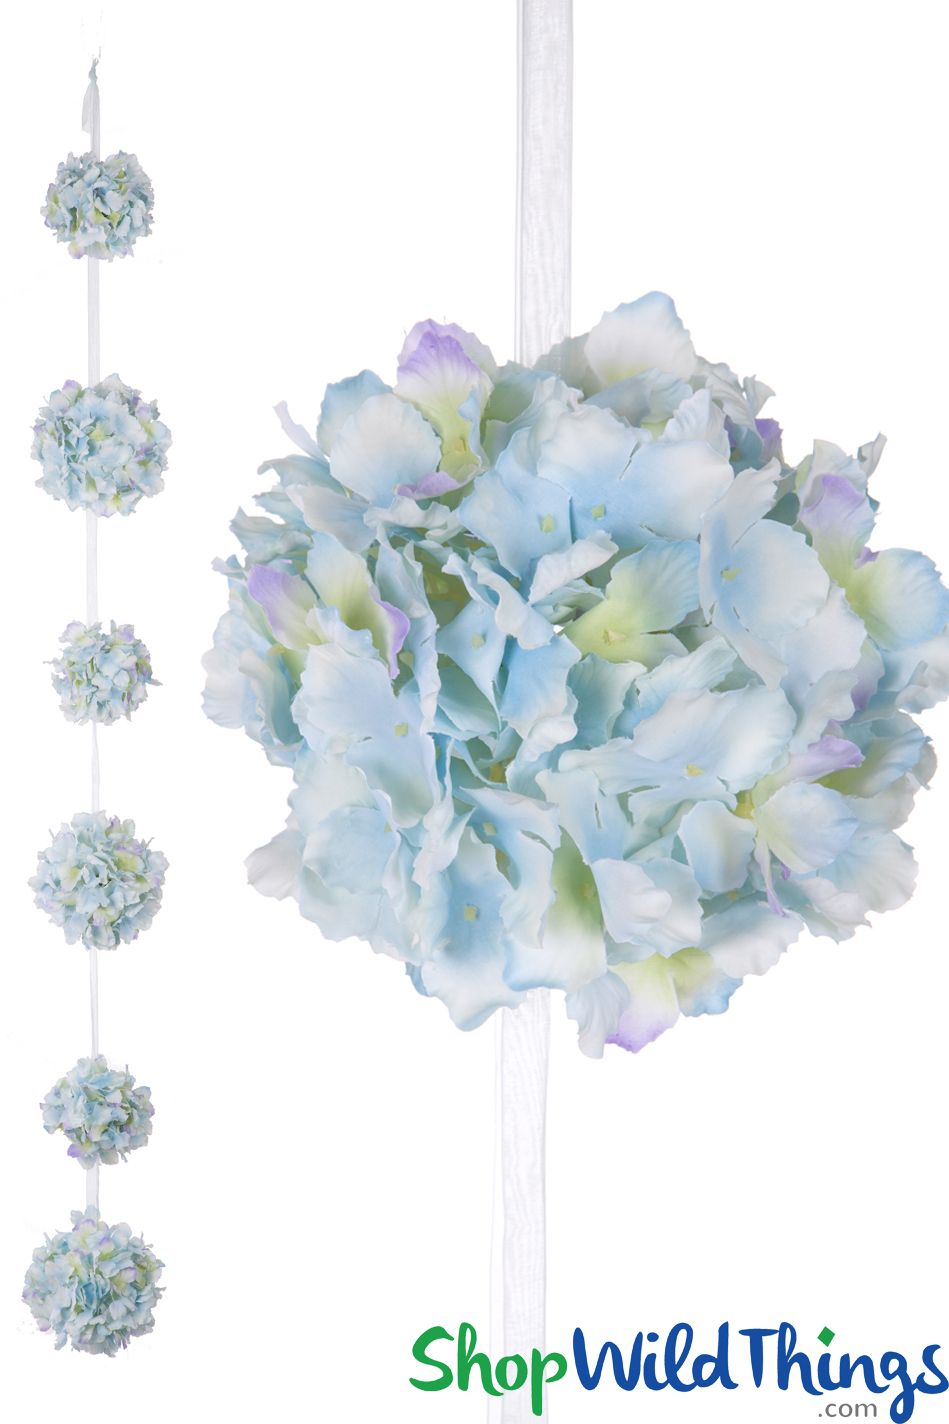 Flower Ball Garland Hanging Silk Hydrangea Kissing Balls On Ribbon 4 1 2 Blue Silk Hydrangeas Hanging Flowers Flower Ball